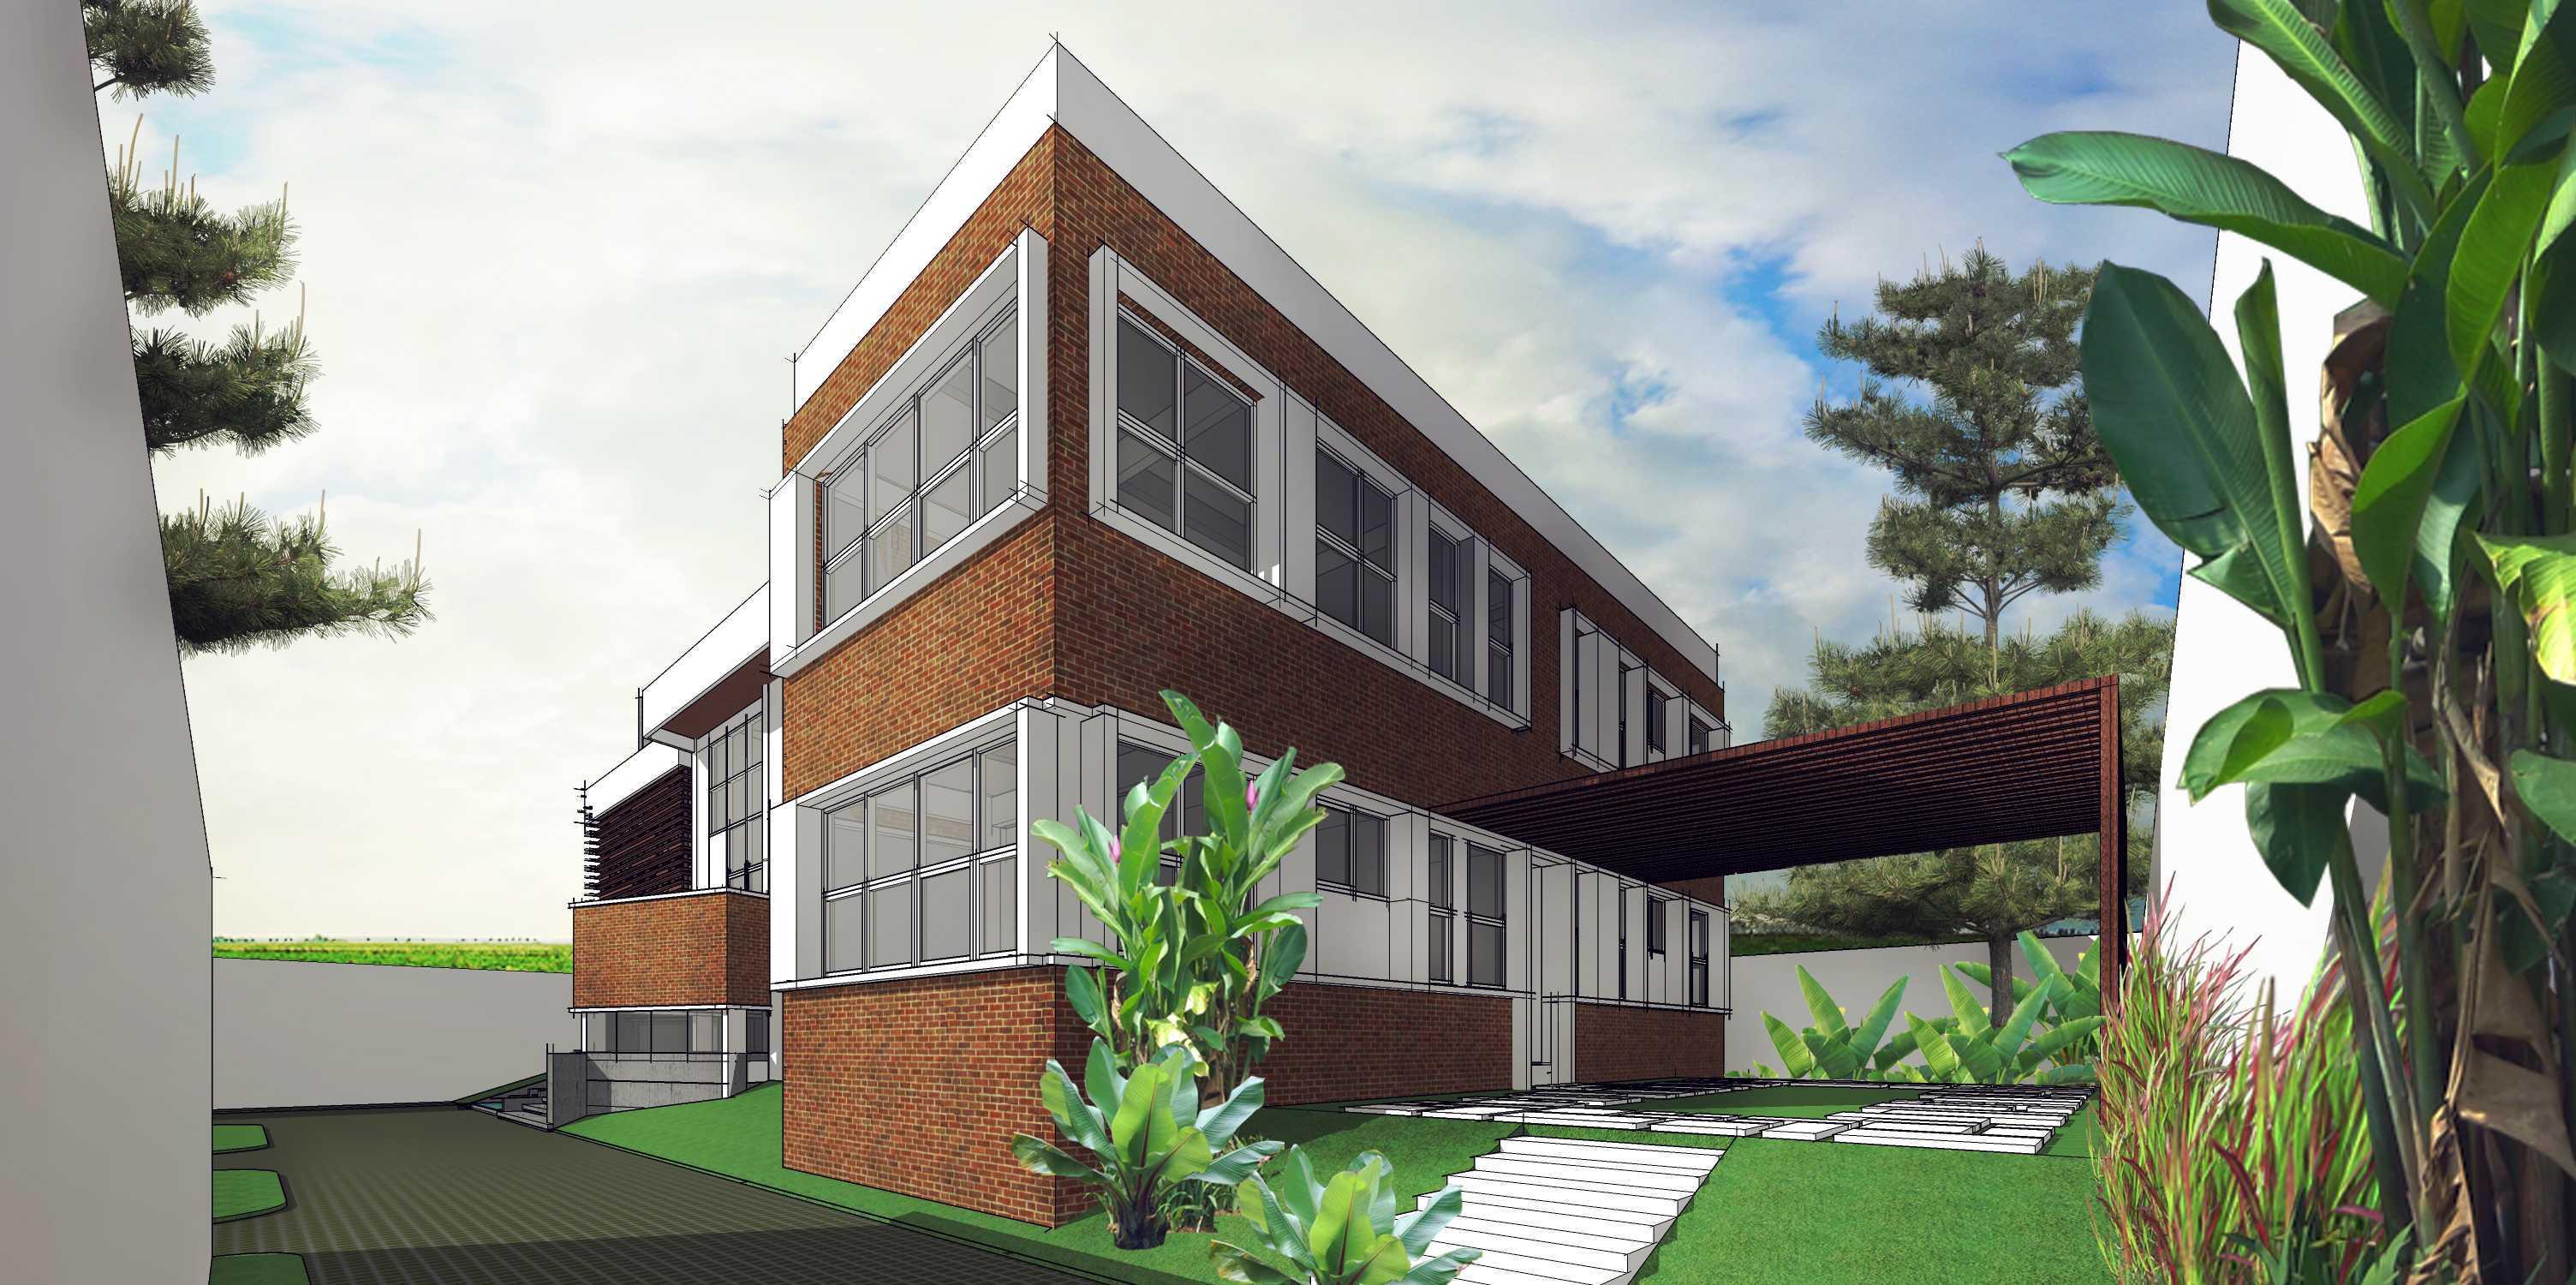 Gubah Ruang Studio Raw House Bandung, Kota Bandung, Jawa Barat, Indonesia Bandung, Kota Bandung, Jawa Barat, Indonesia Raw House Modern  50720